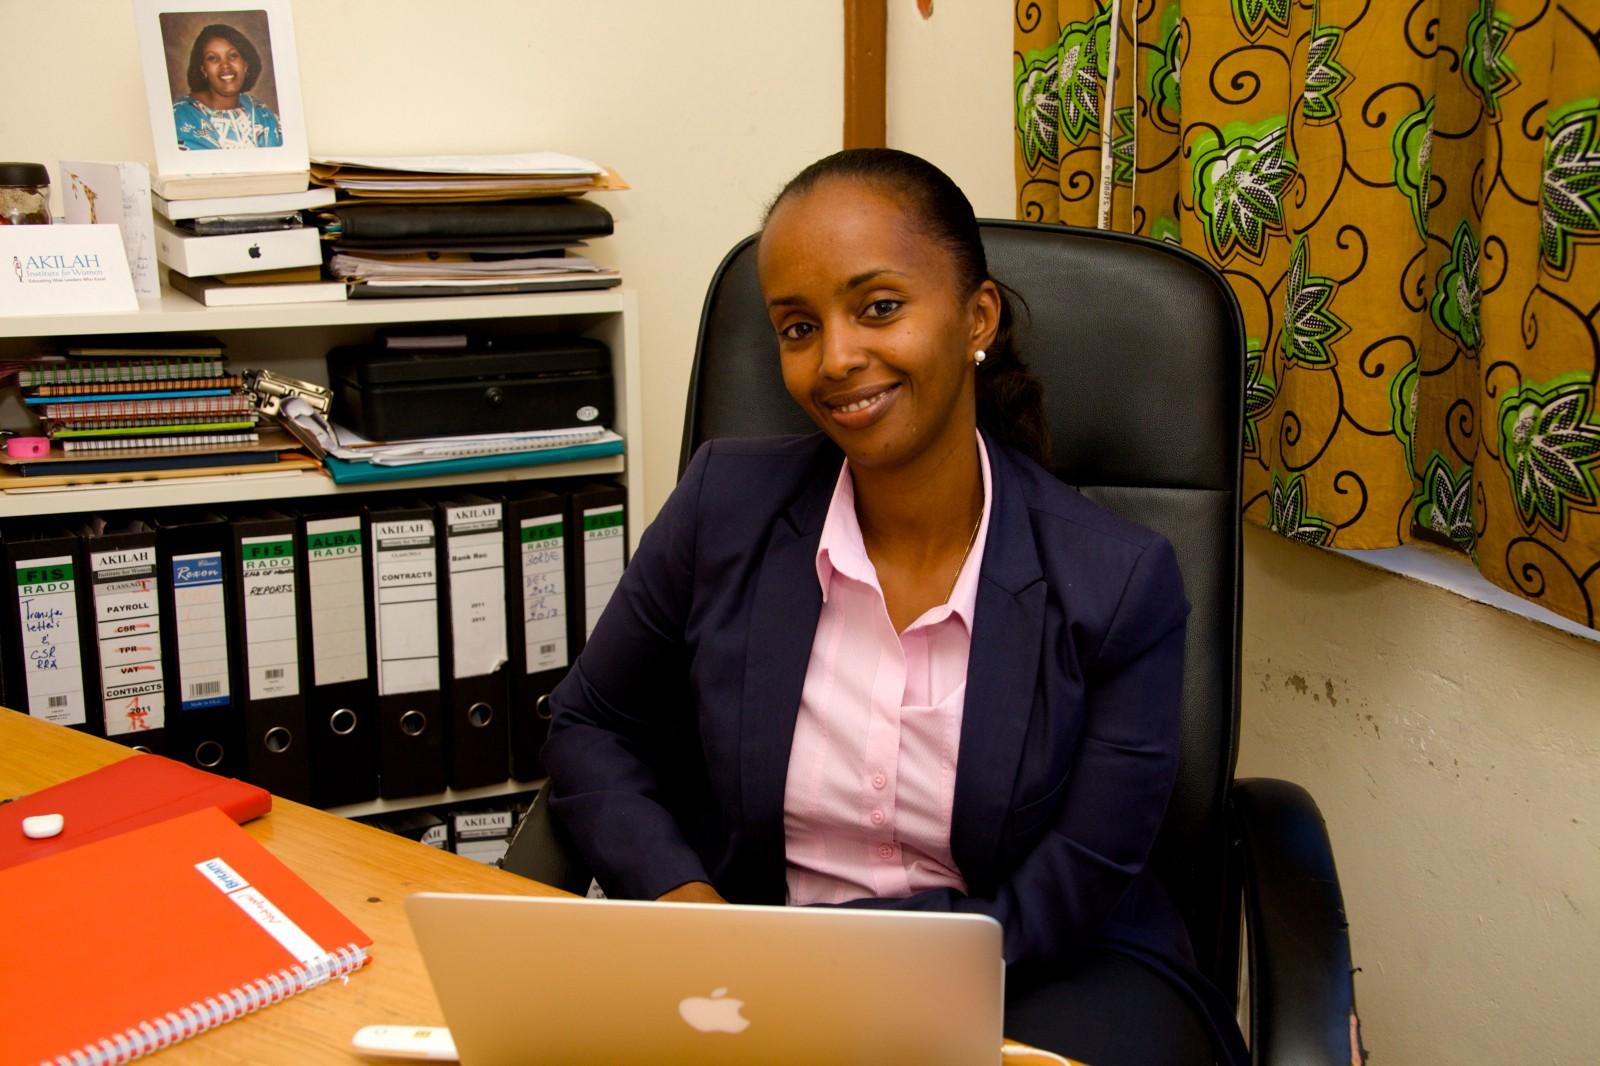 Aline Kabanda, Akilah Institute Country Director